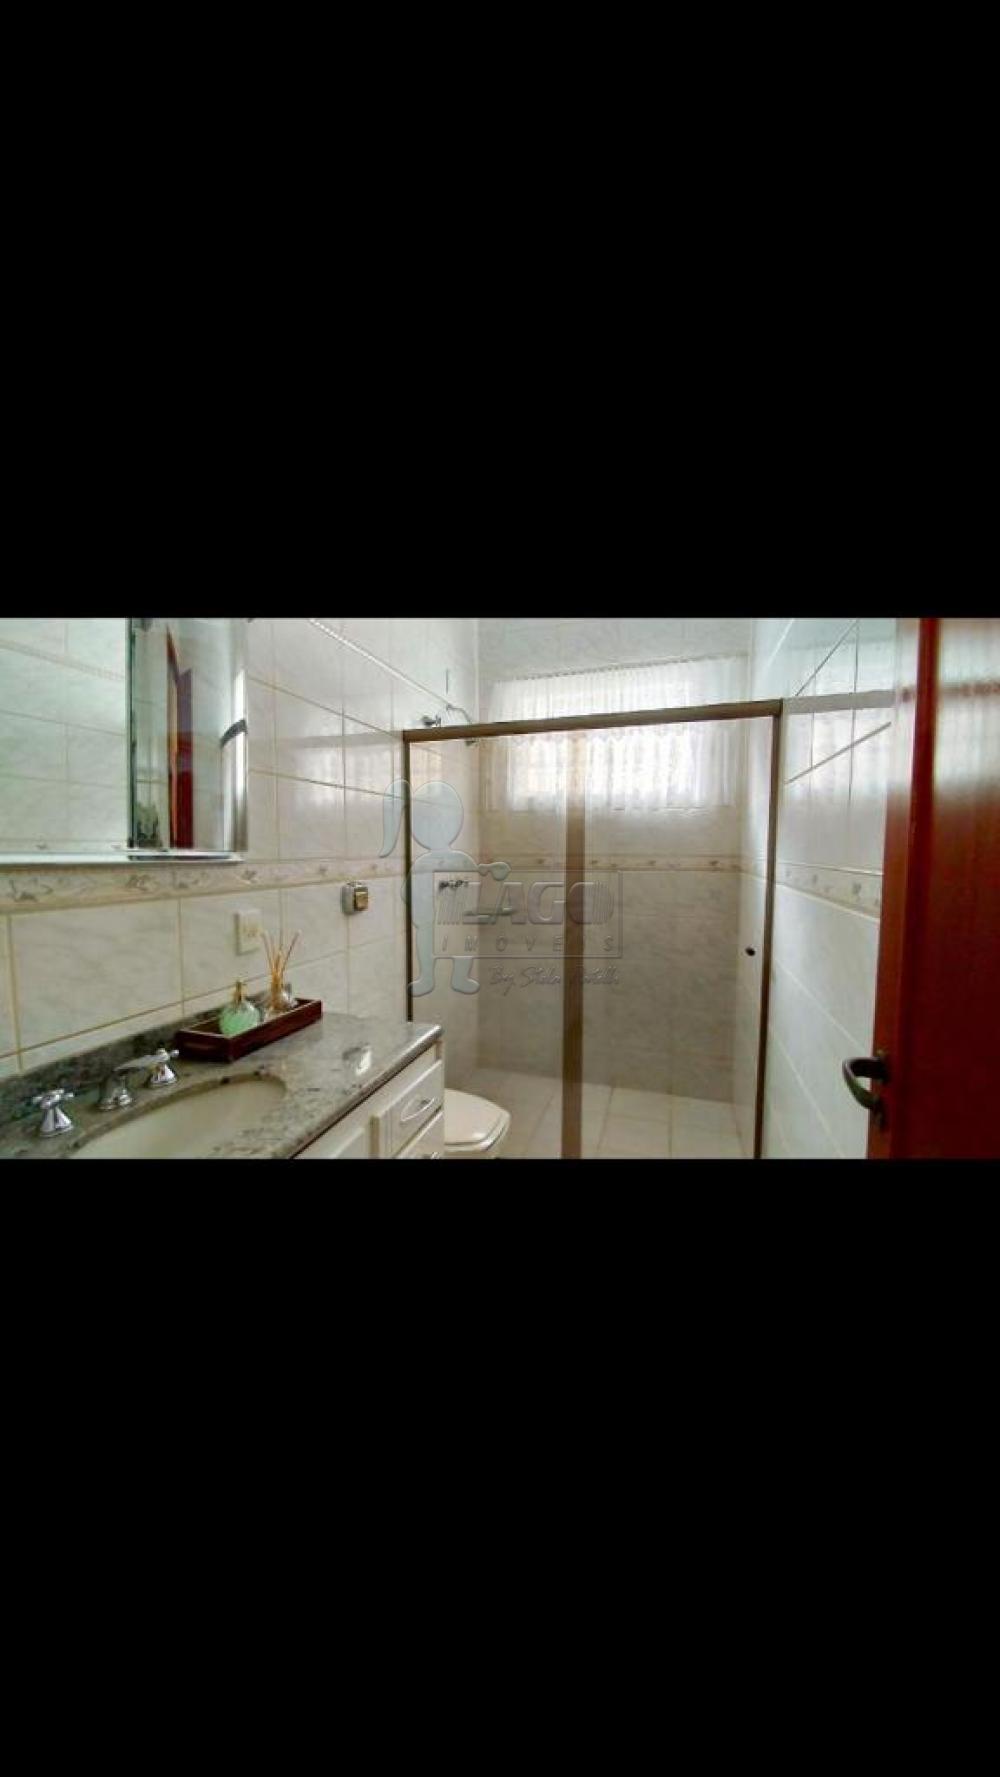 Comprar Casas / Padrão em Ribeirão Preto apenas R$ 850.000,00 - Foto 4